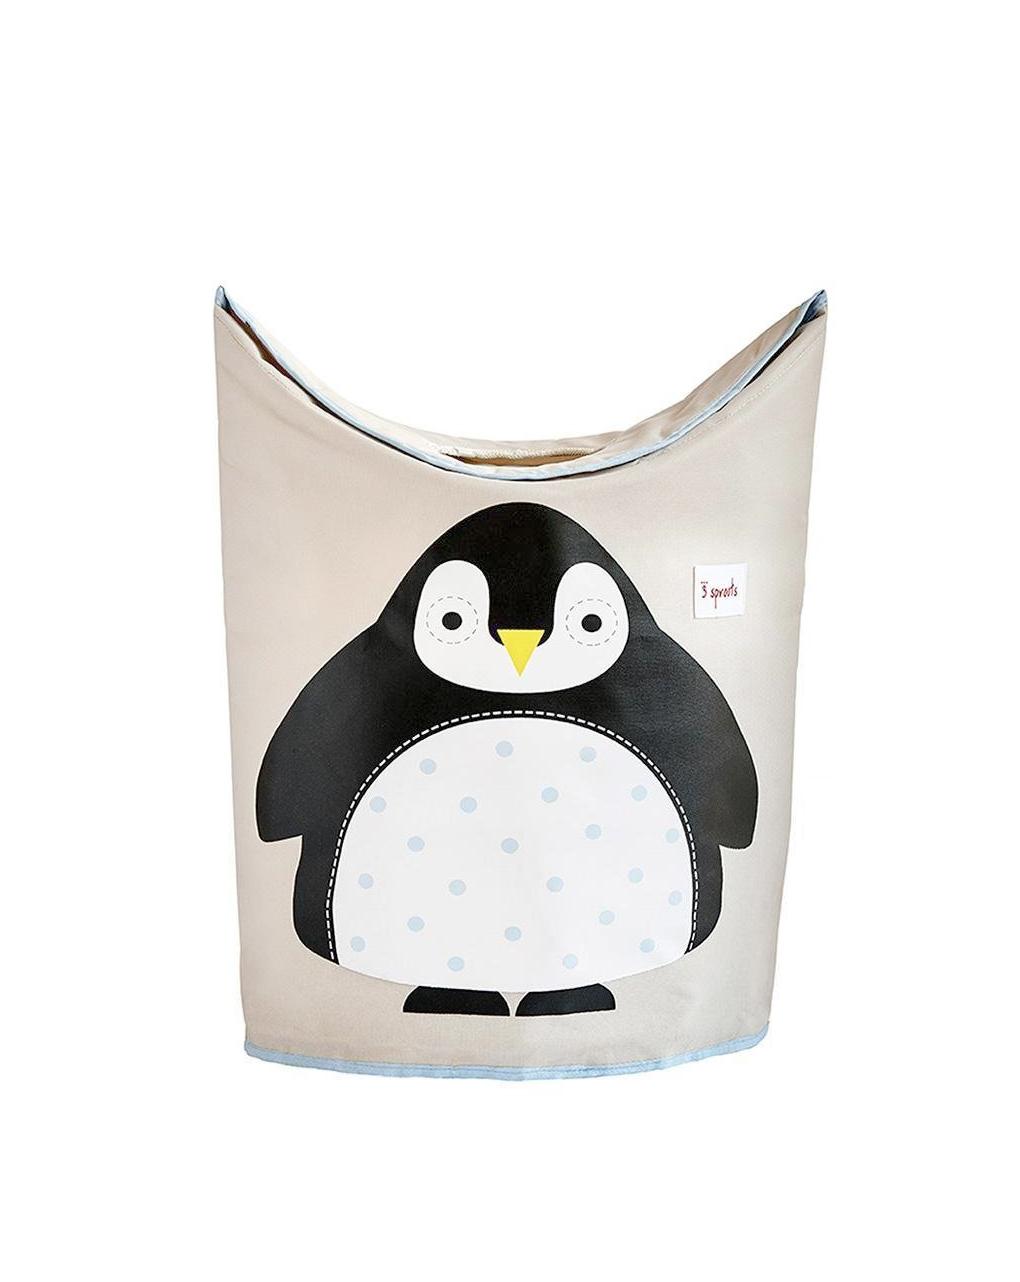 Cesta portabiancheria pinguino - 3 sprouts